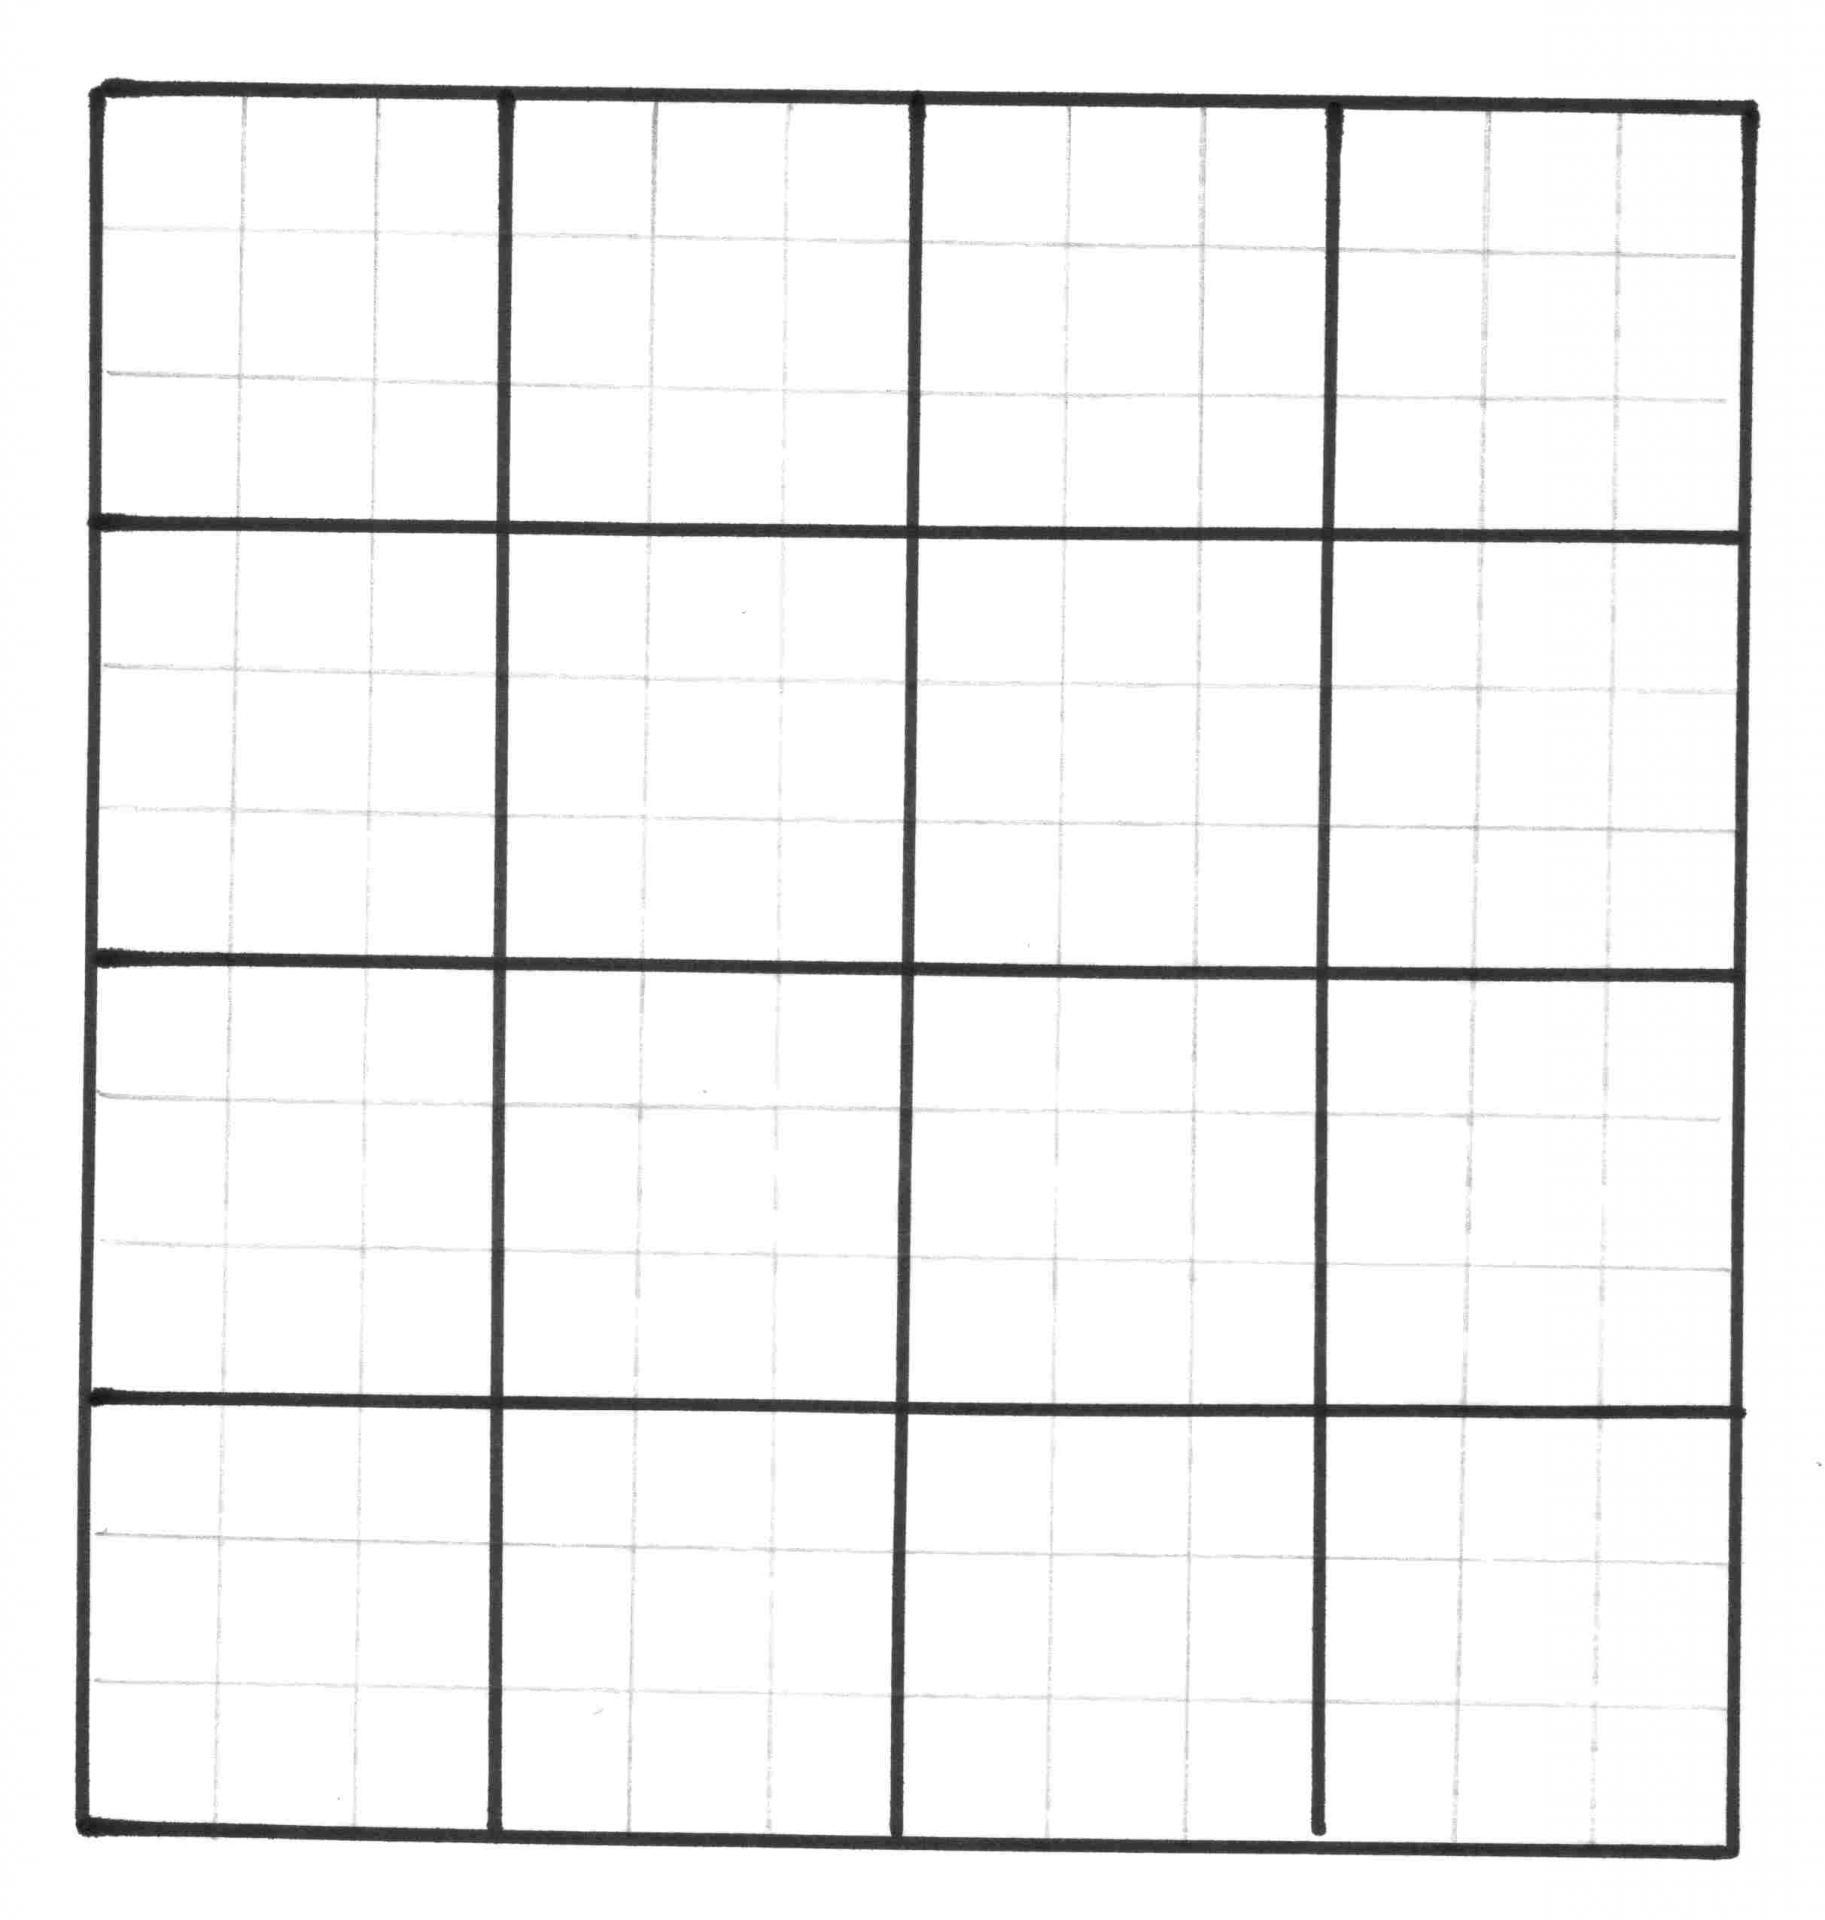 carrés pour calligraphie